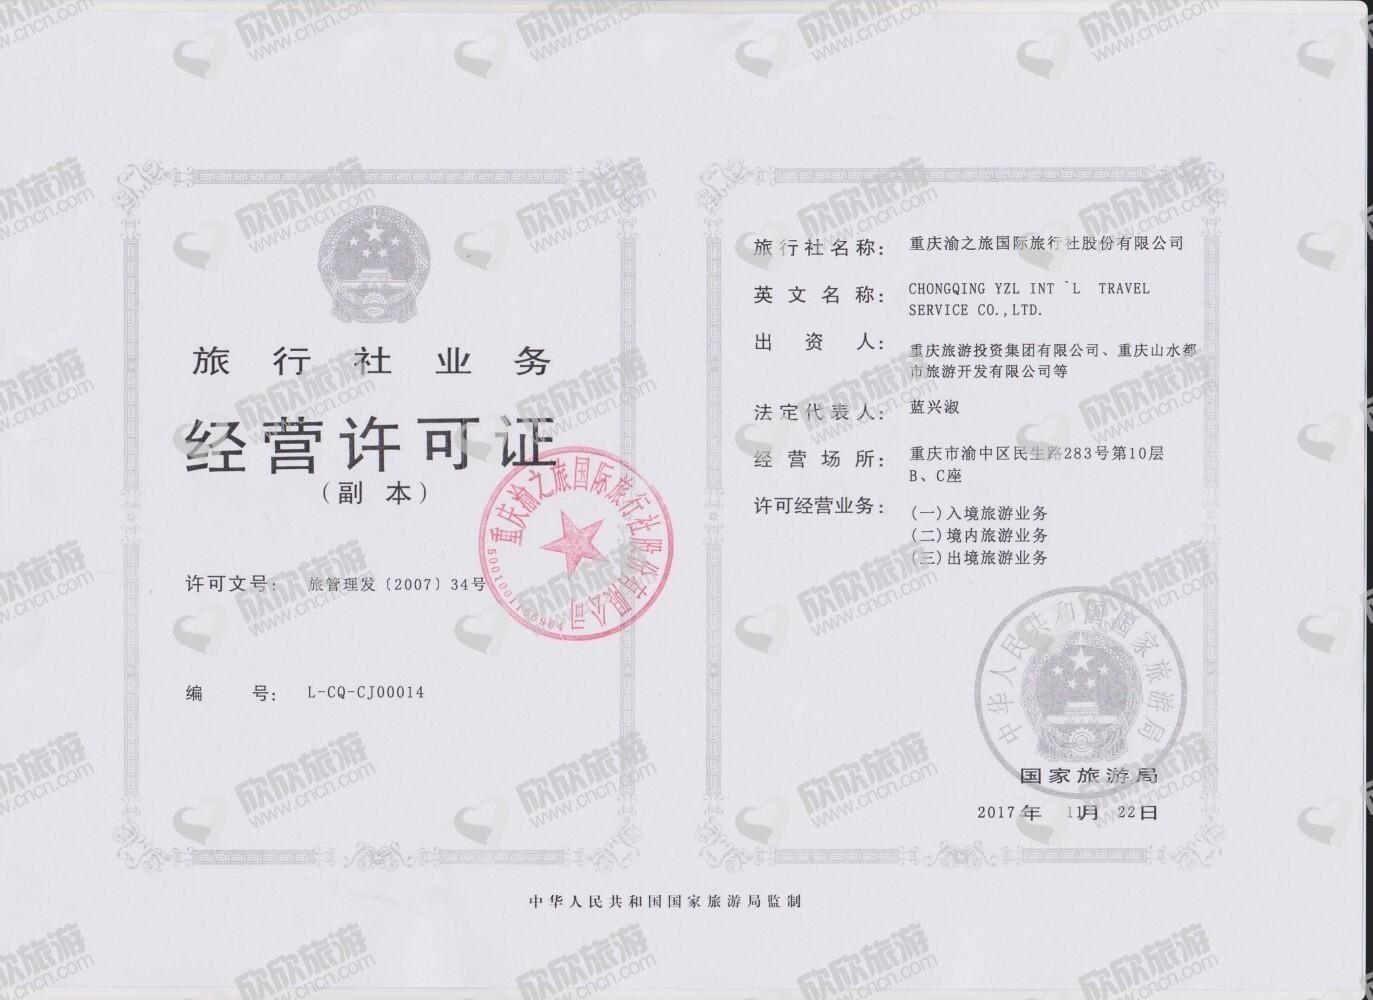 重庆渝之旅国际旅行社股份有限公司经营许可证